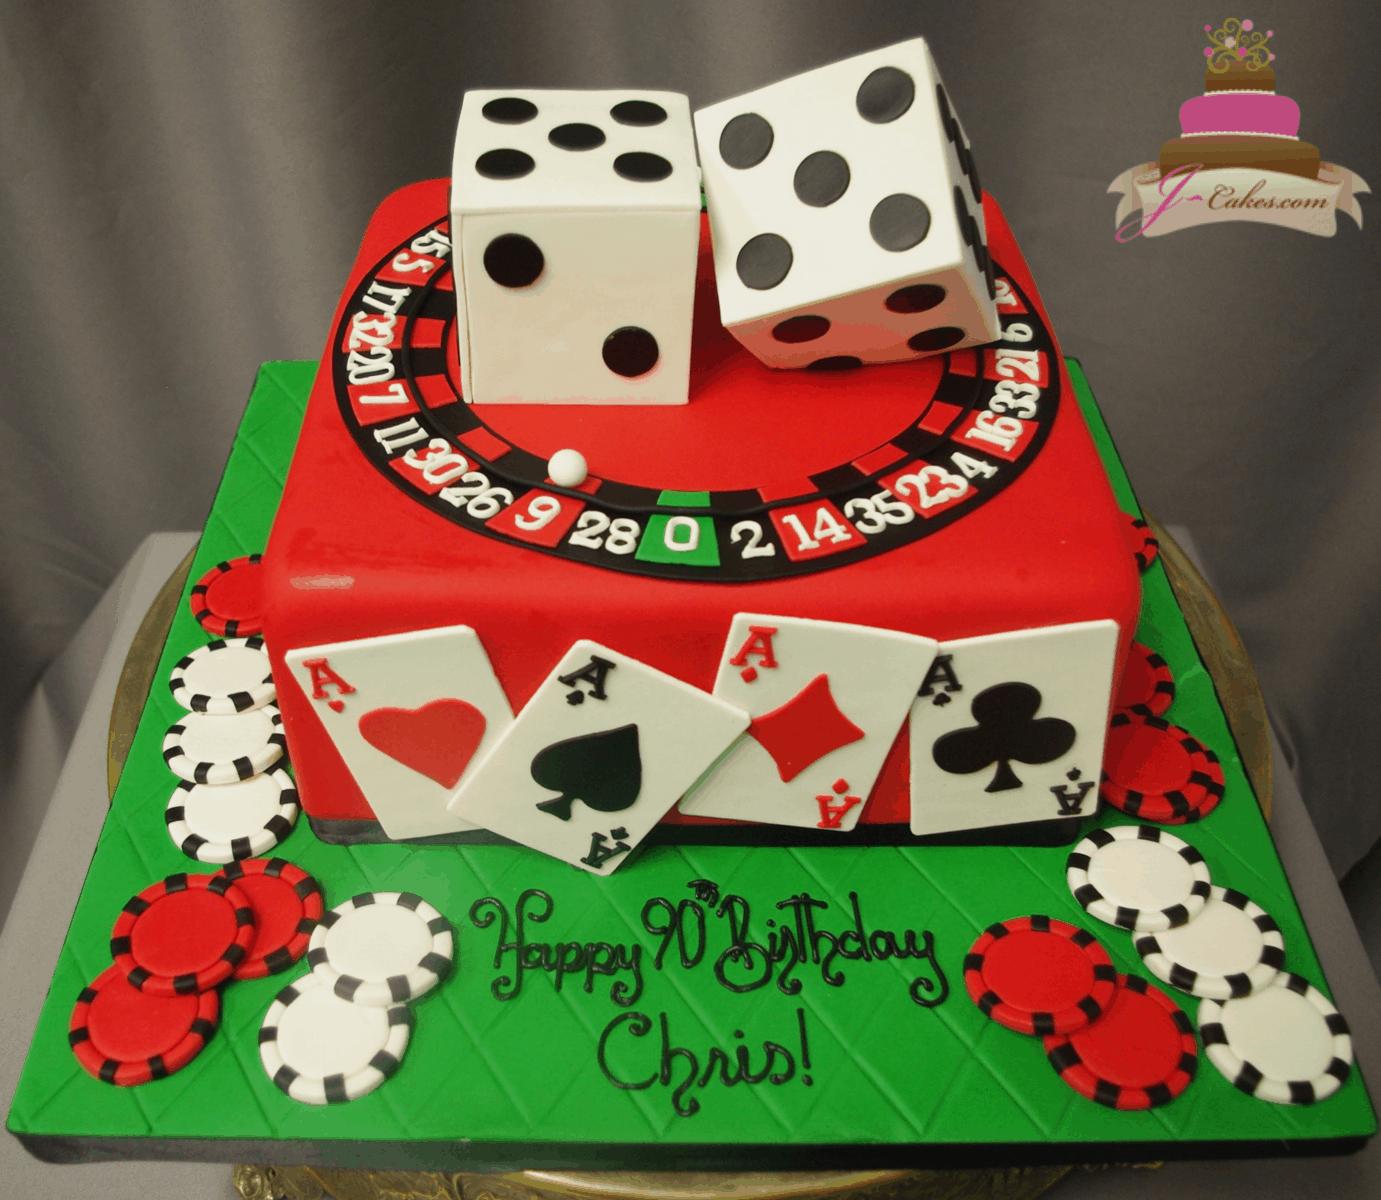 (188) 3D Dice Cake